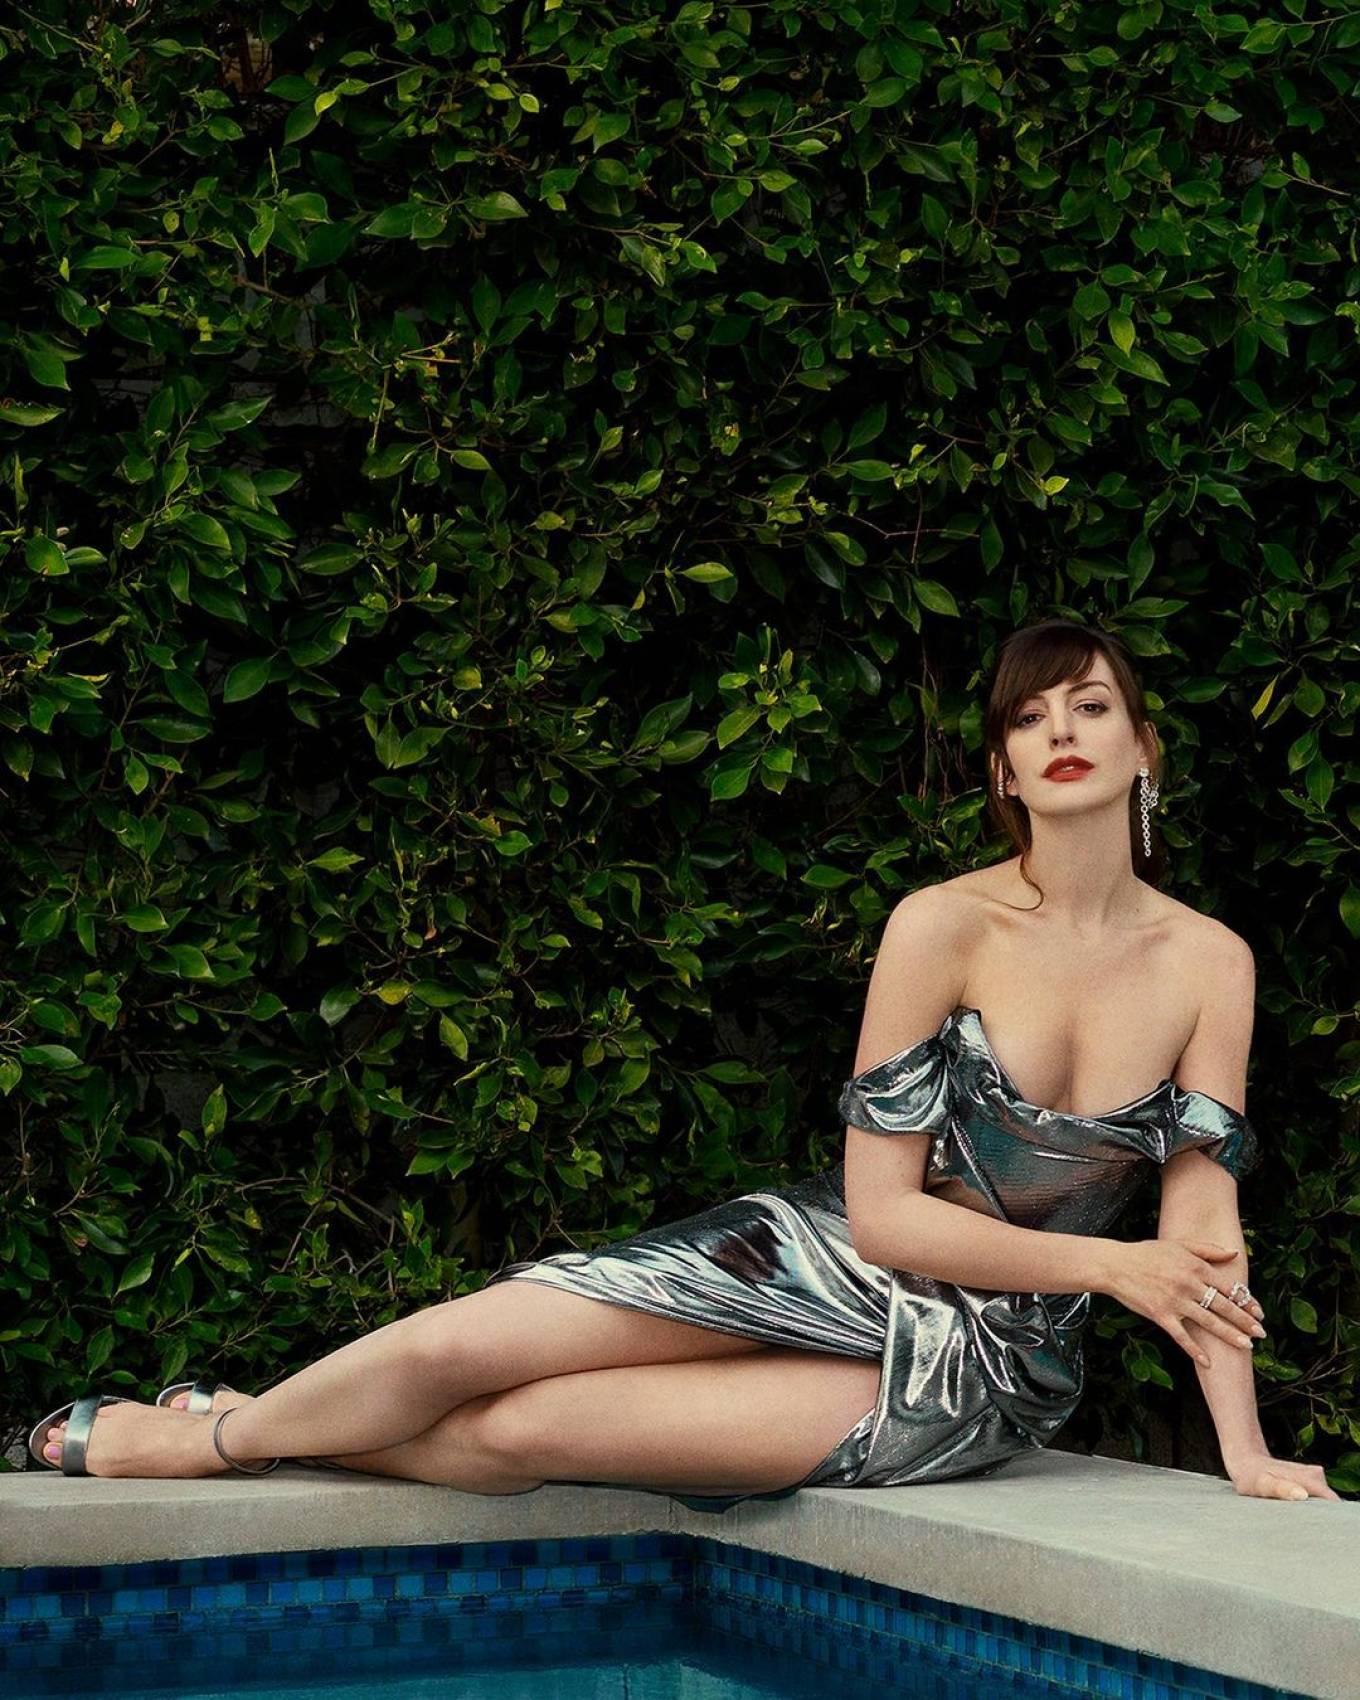 Anne Hathaway - Locked Down movie premiere 2021 photoshoot